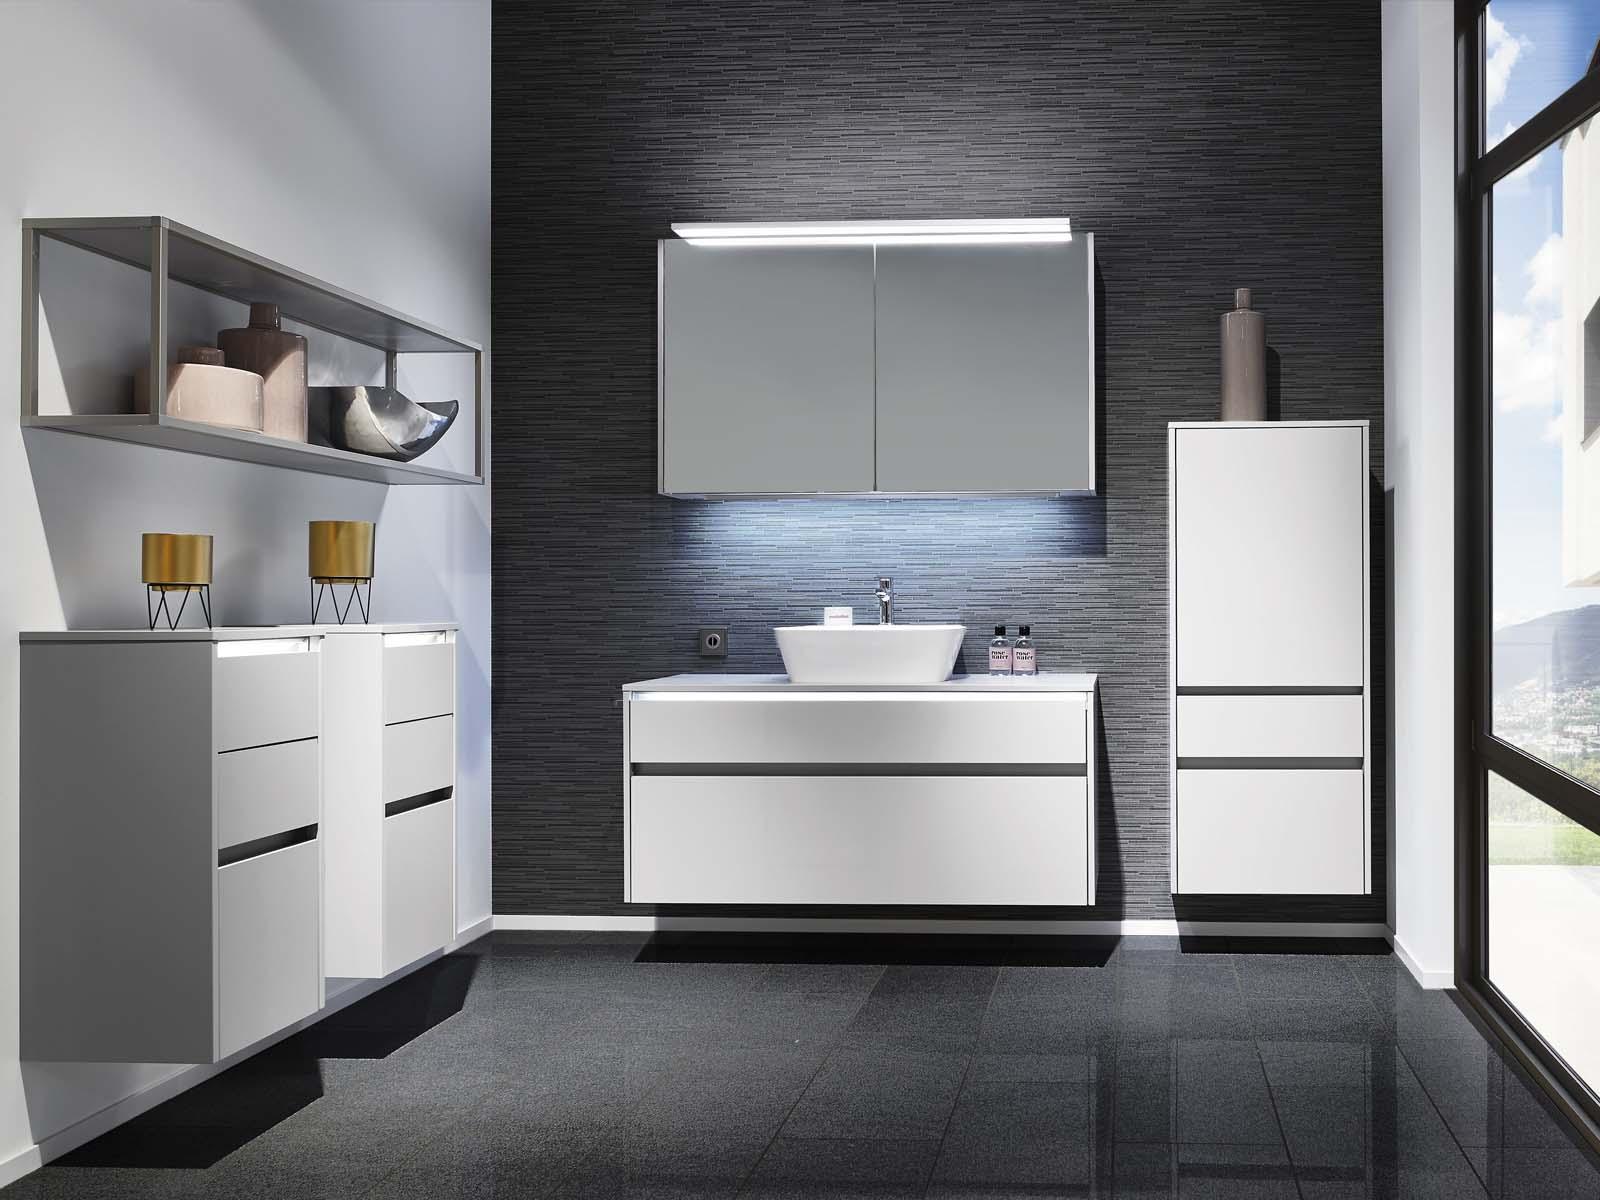 Küchentime Touch 341 N - Bathroom